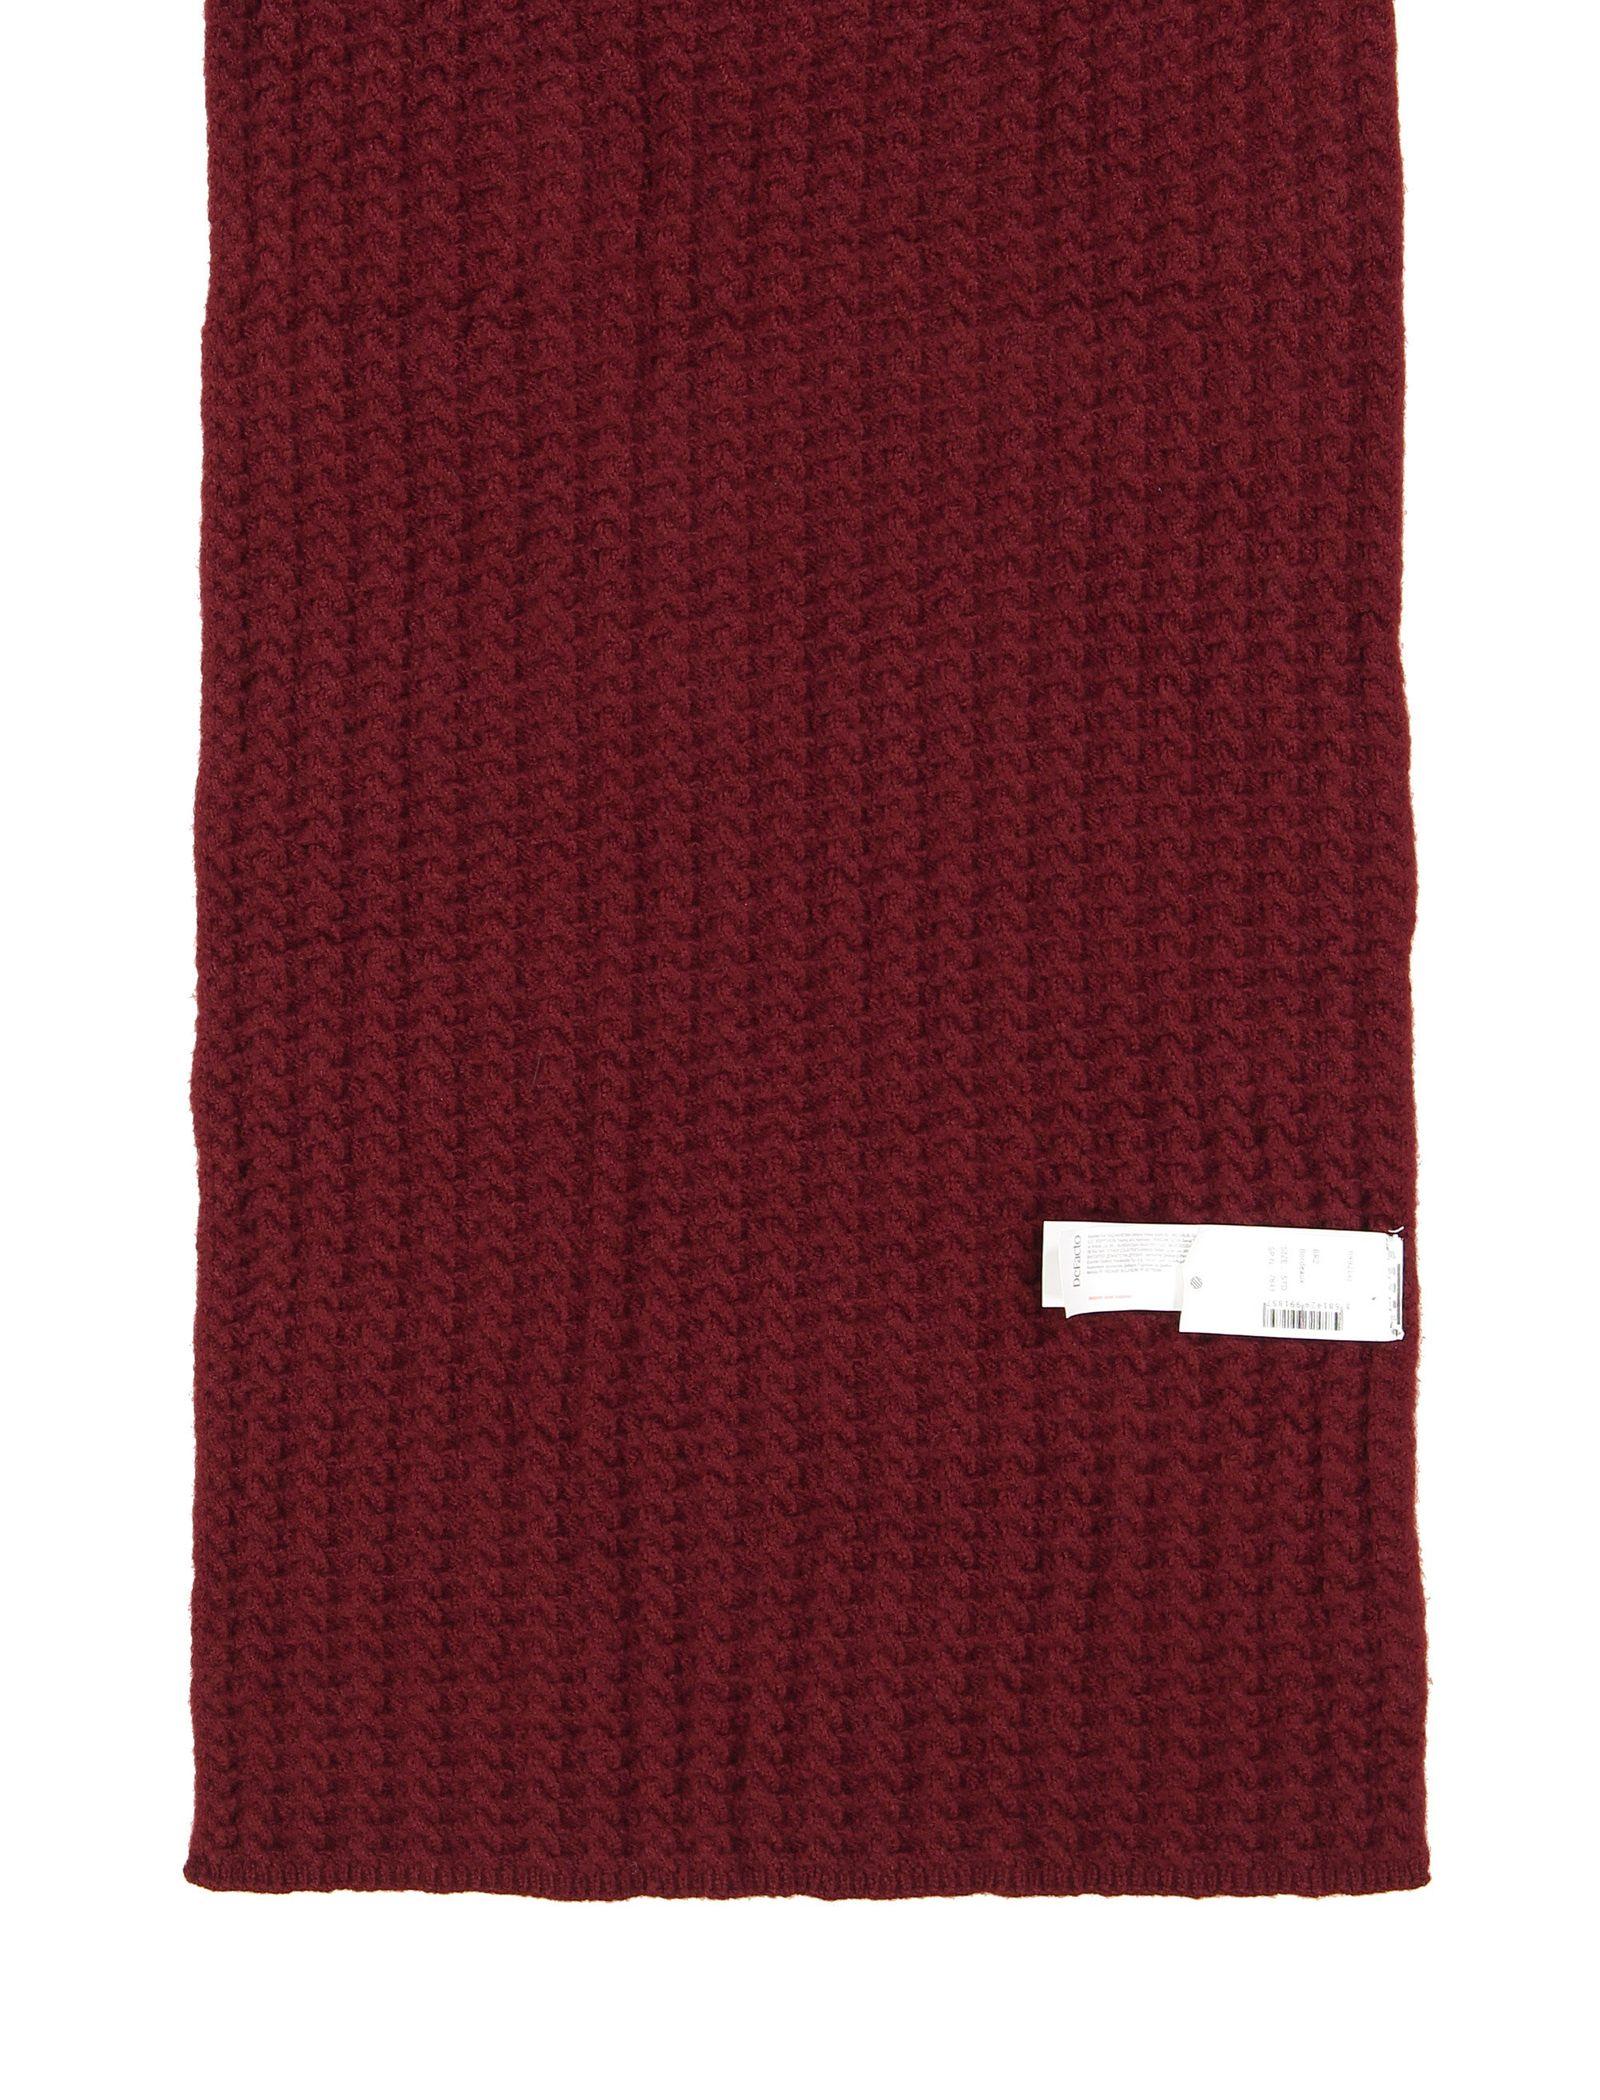 شال گردن ساده زنانه - دفکتو - زرشکي - 2